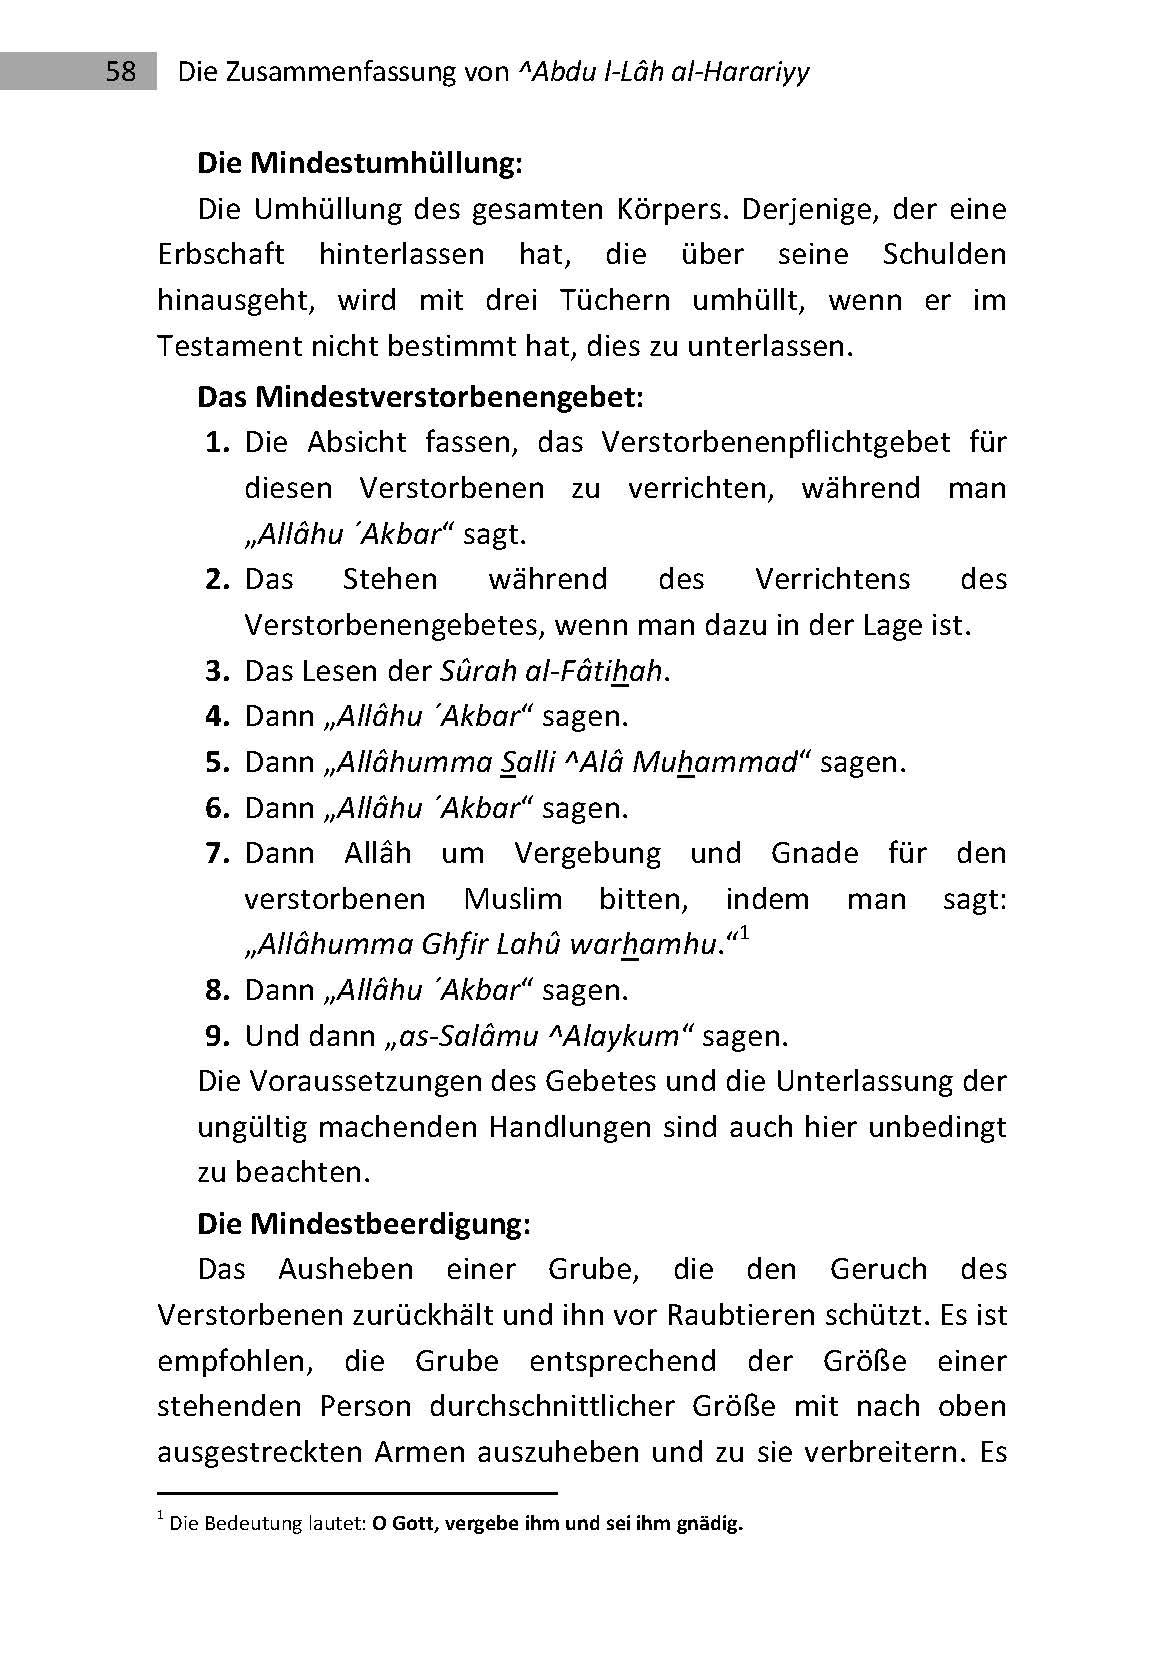 Die Zusammenfassung - 3. Auflage 2014_Seite_58